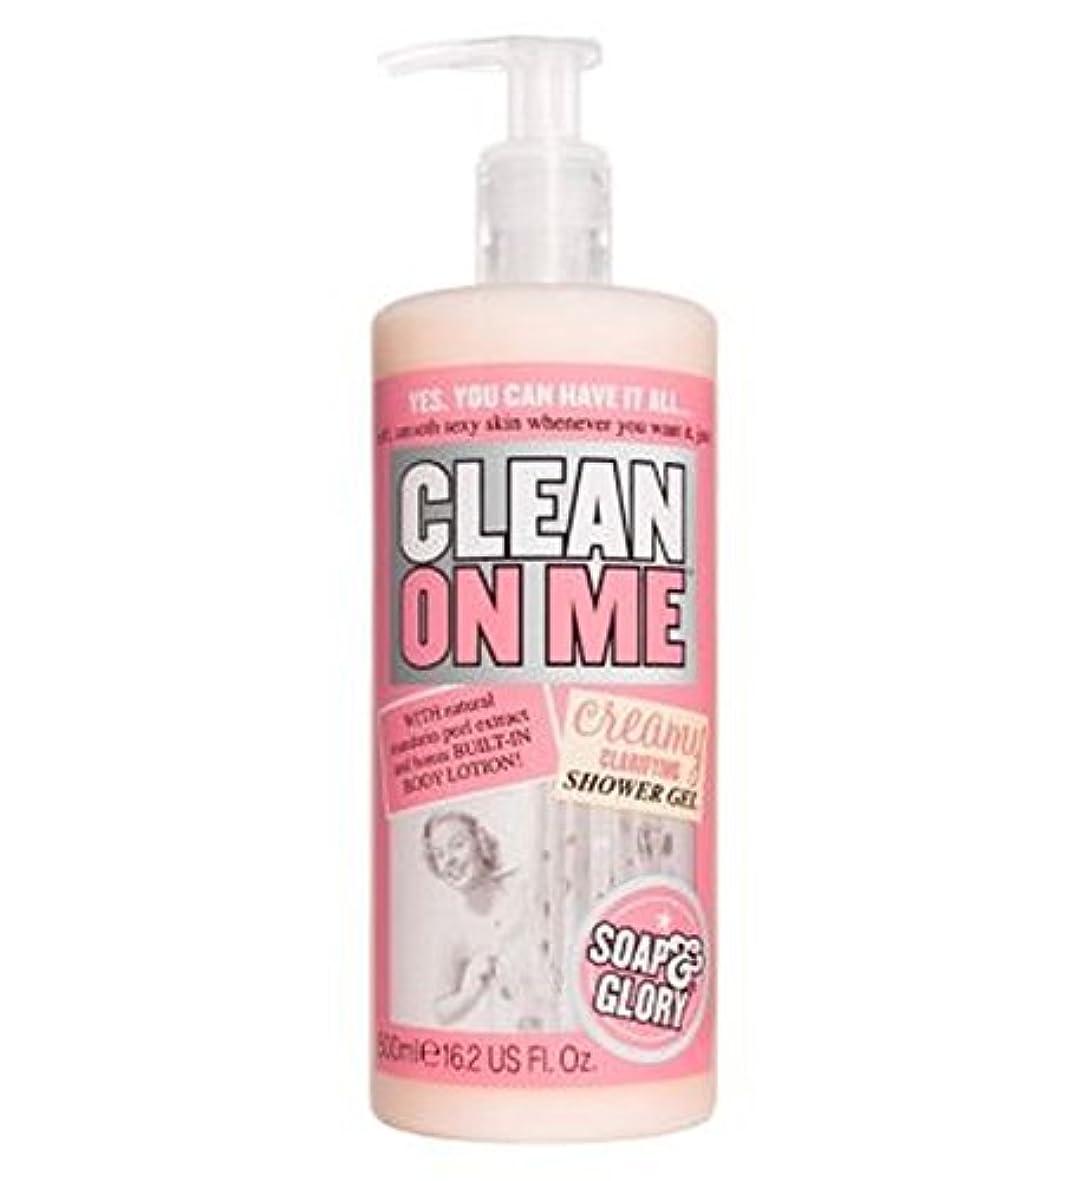 ストッキングふりをする鋭くSoap & Glory Clean On Me Creamy Clarifying Shower Gel 500ml - 私にきれいな石鹸&栄光はシャワージェル500ミリリットルを明確にクリーミー (Soap & Glory...